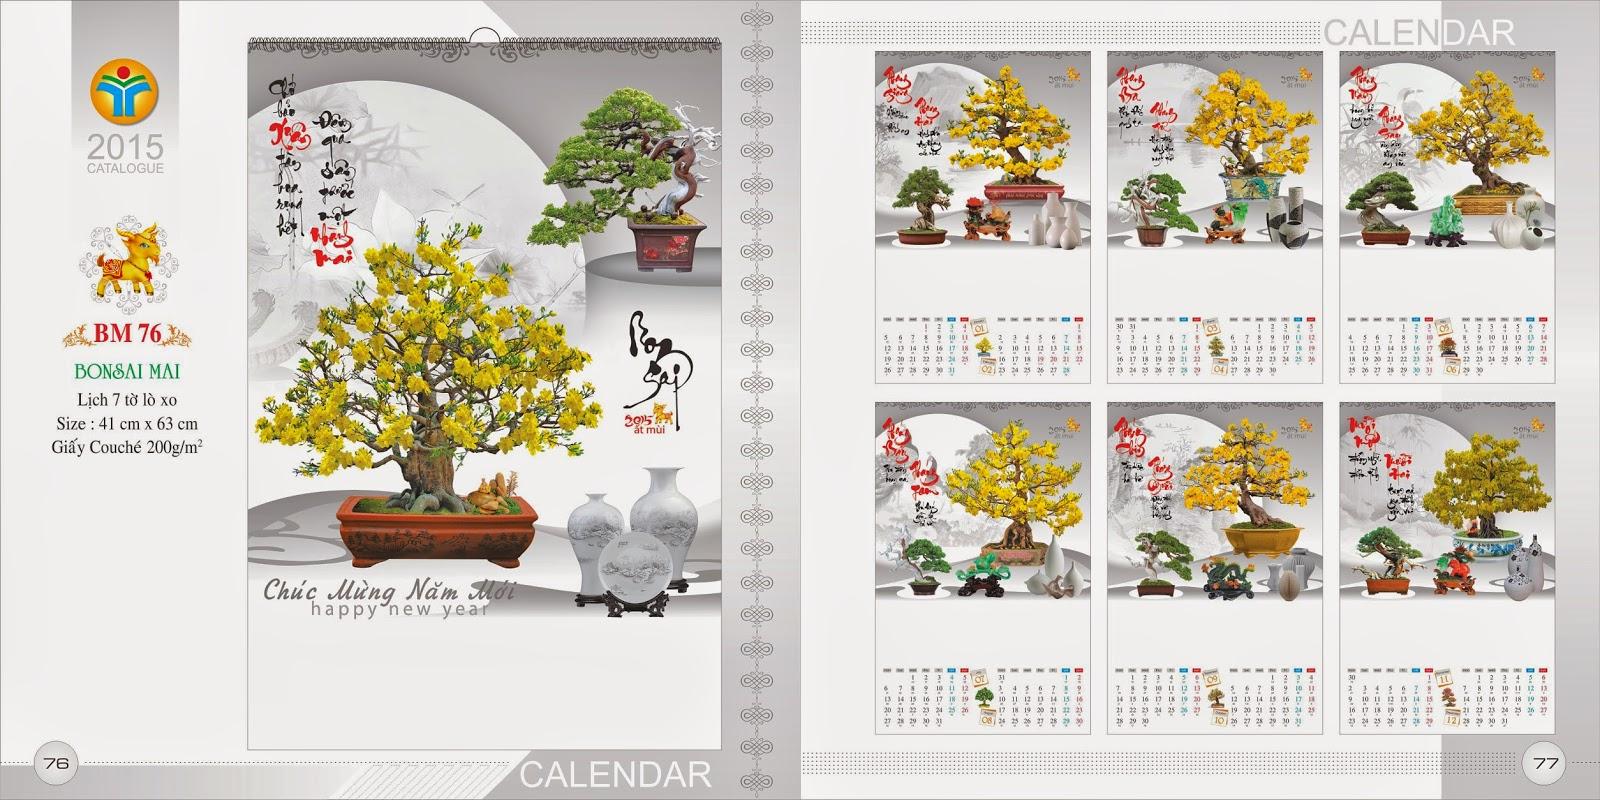 Lịch treo tường 7 Tờ Lò Xo - Bonsai Mai